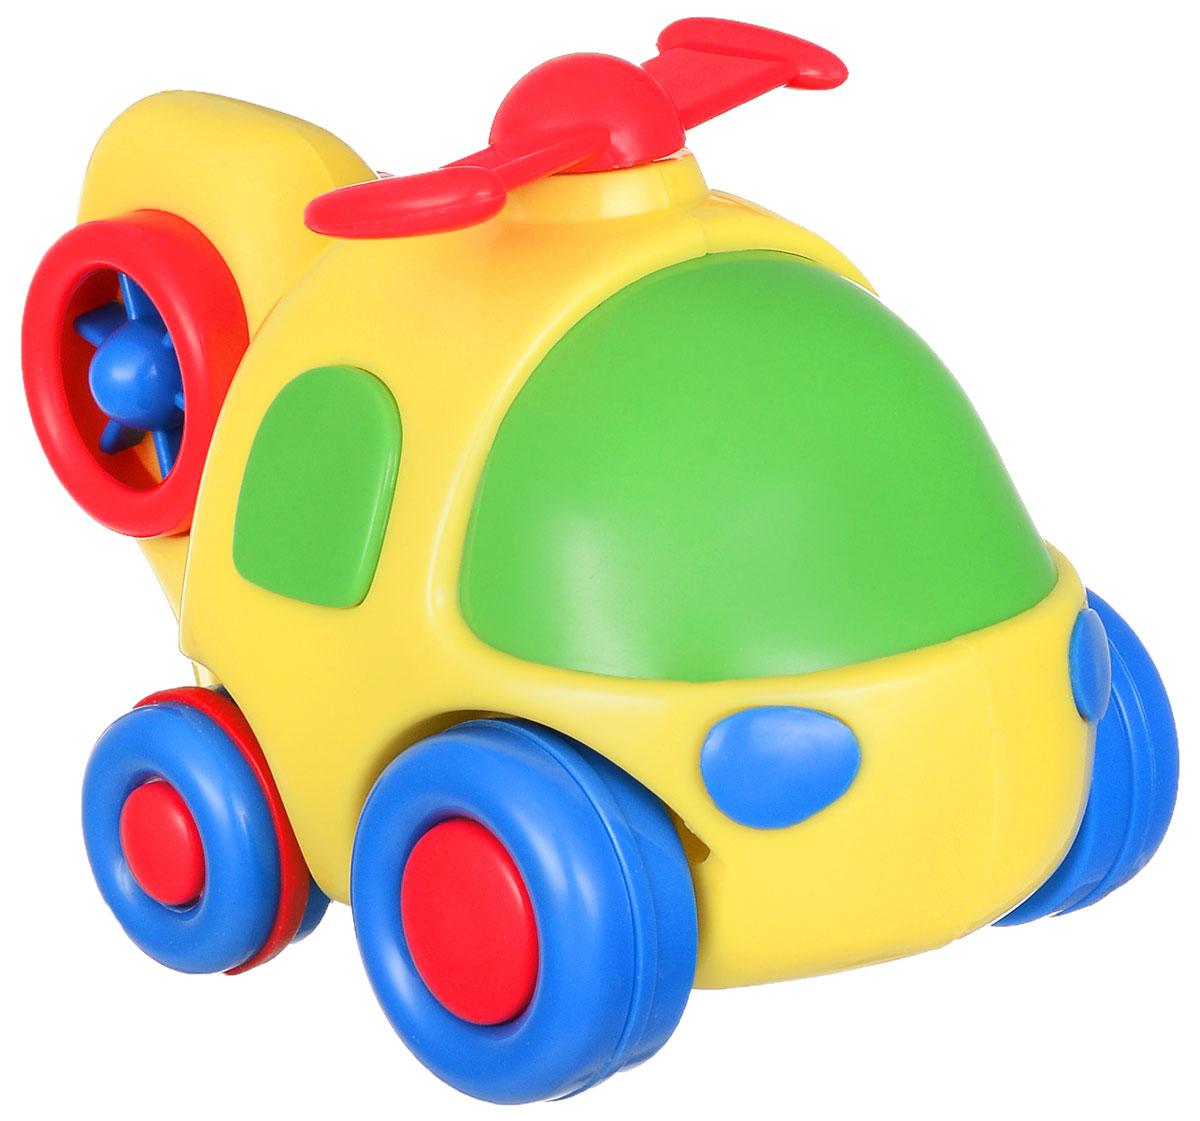 Simba Вертолет инерционный цвет желтый4015832_желтыйЯркая игрушка Simba Вертолет привлечет внимание вашего малыша и не позволит ему скучать! Выполненная из безопасного пластика, игрушка представляет собой забавный вертолет. Округлые без острых углов формы гарантируют безопасность даже самым маленьким. Для запуска, установите игрушку на поверхность, оттяните ее назад или прокатите вперед и отпустите, игрушка продолжит движение. Во время движения пропеллер начинает вращаться. Инерционная игрушка Вертолет поможет ребенку в развитии воображения, мелкой моторики рук, концентрации внимания и цветового восприятия.